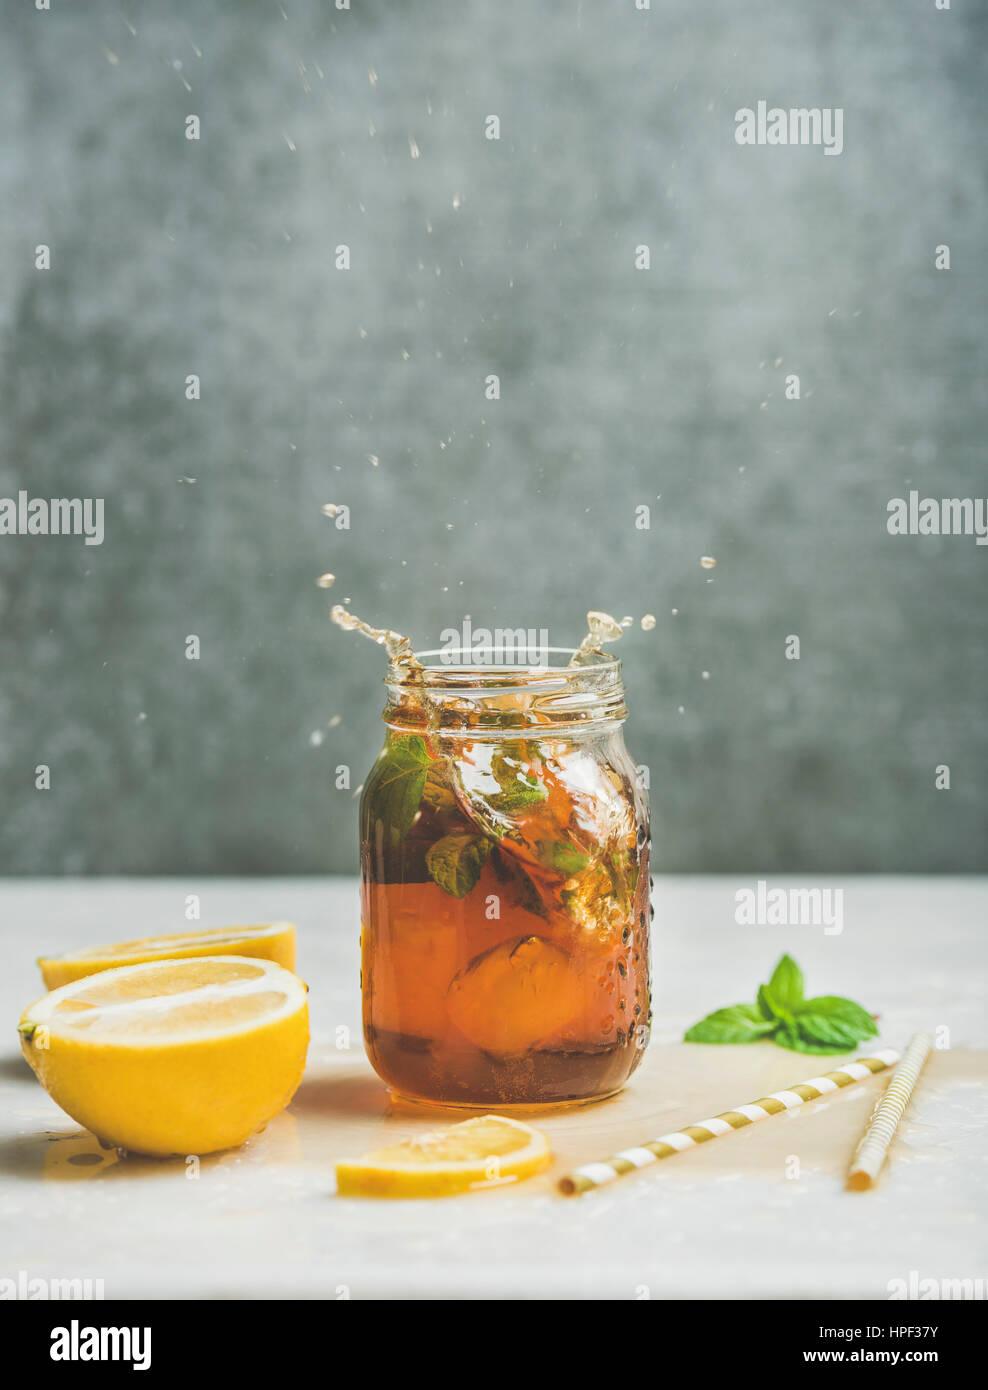 Verano frío helado de té con menta fresca, de bergamota y limón en tarro de vidrio con las salpicaduras Imagen De Stock